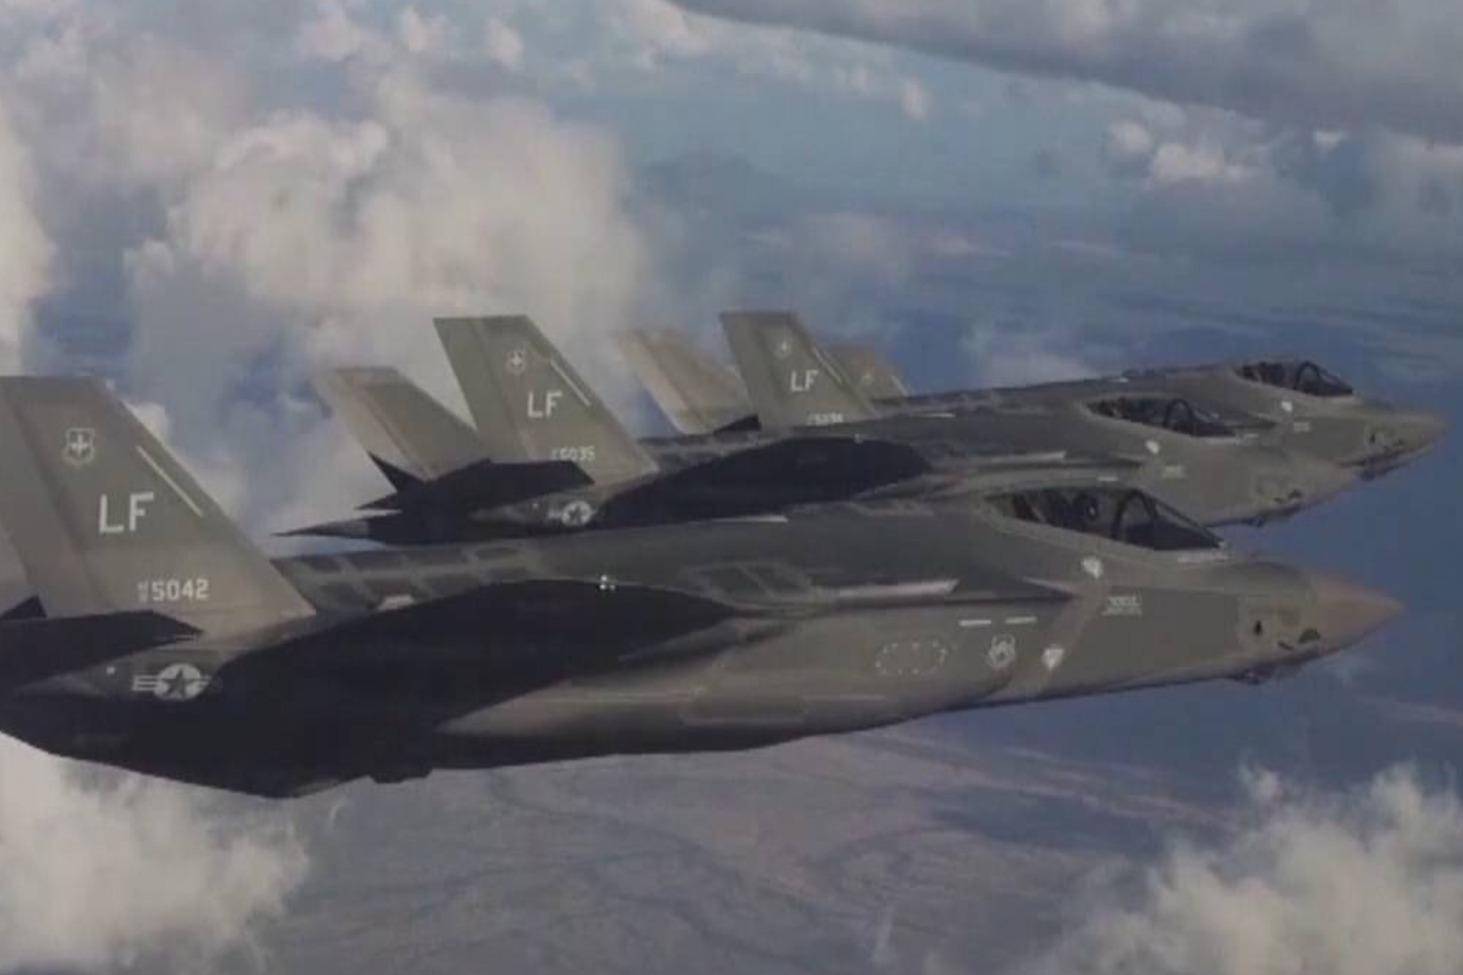 美日在东海上空实施联合防空演习 美军出动F-35战机